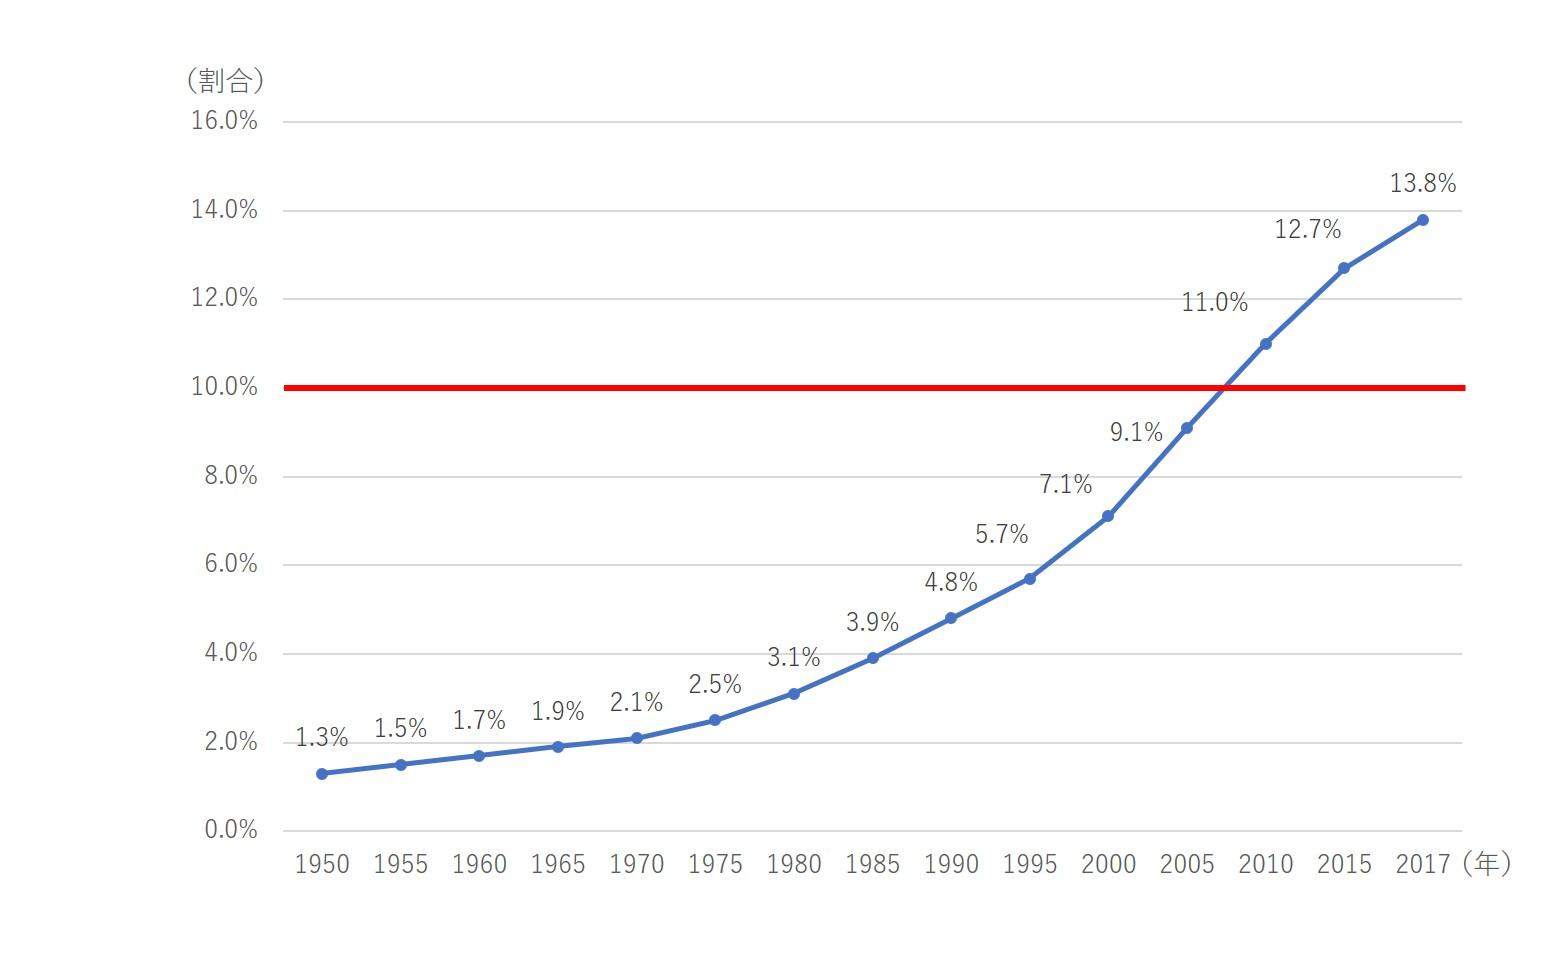 75歳以上の後期高齢者の割合